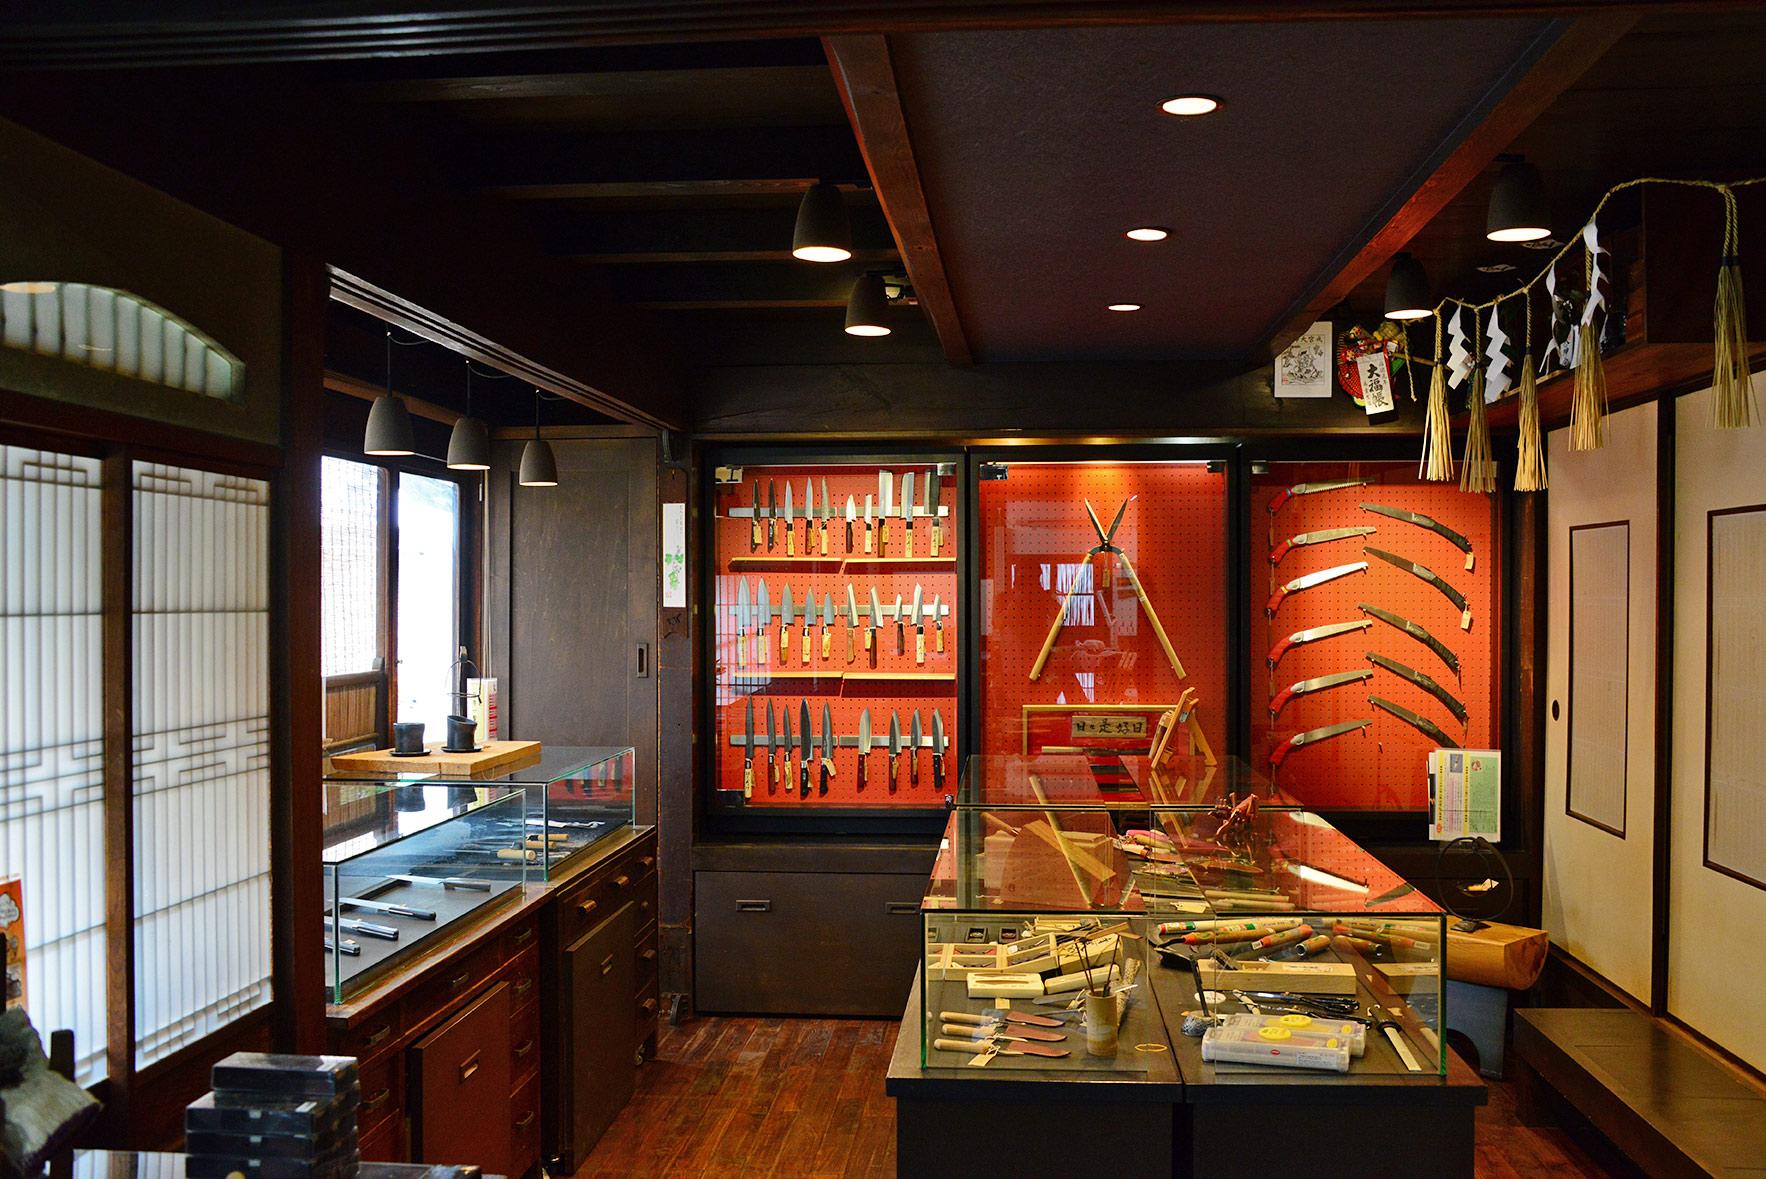 ギャラリーは赤と黒に統一され、外観からは想像もできないお洒落な空間に。包丁以外にも播州エリアで作られる様々な道具が展示・販売されている。